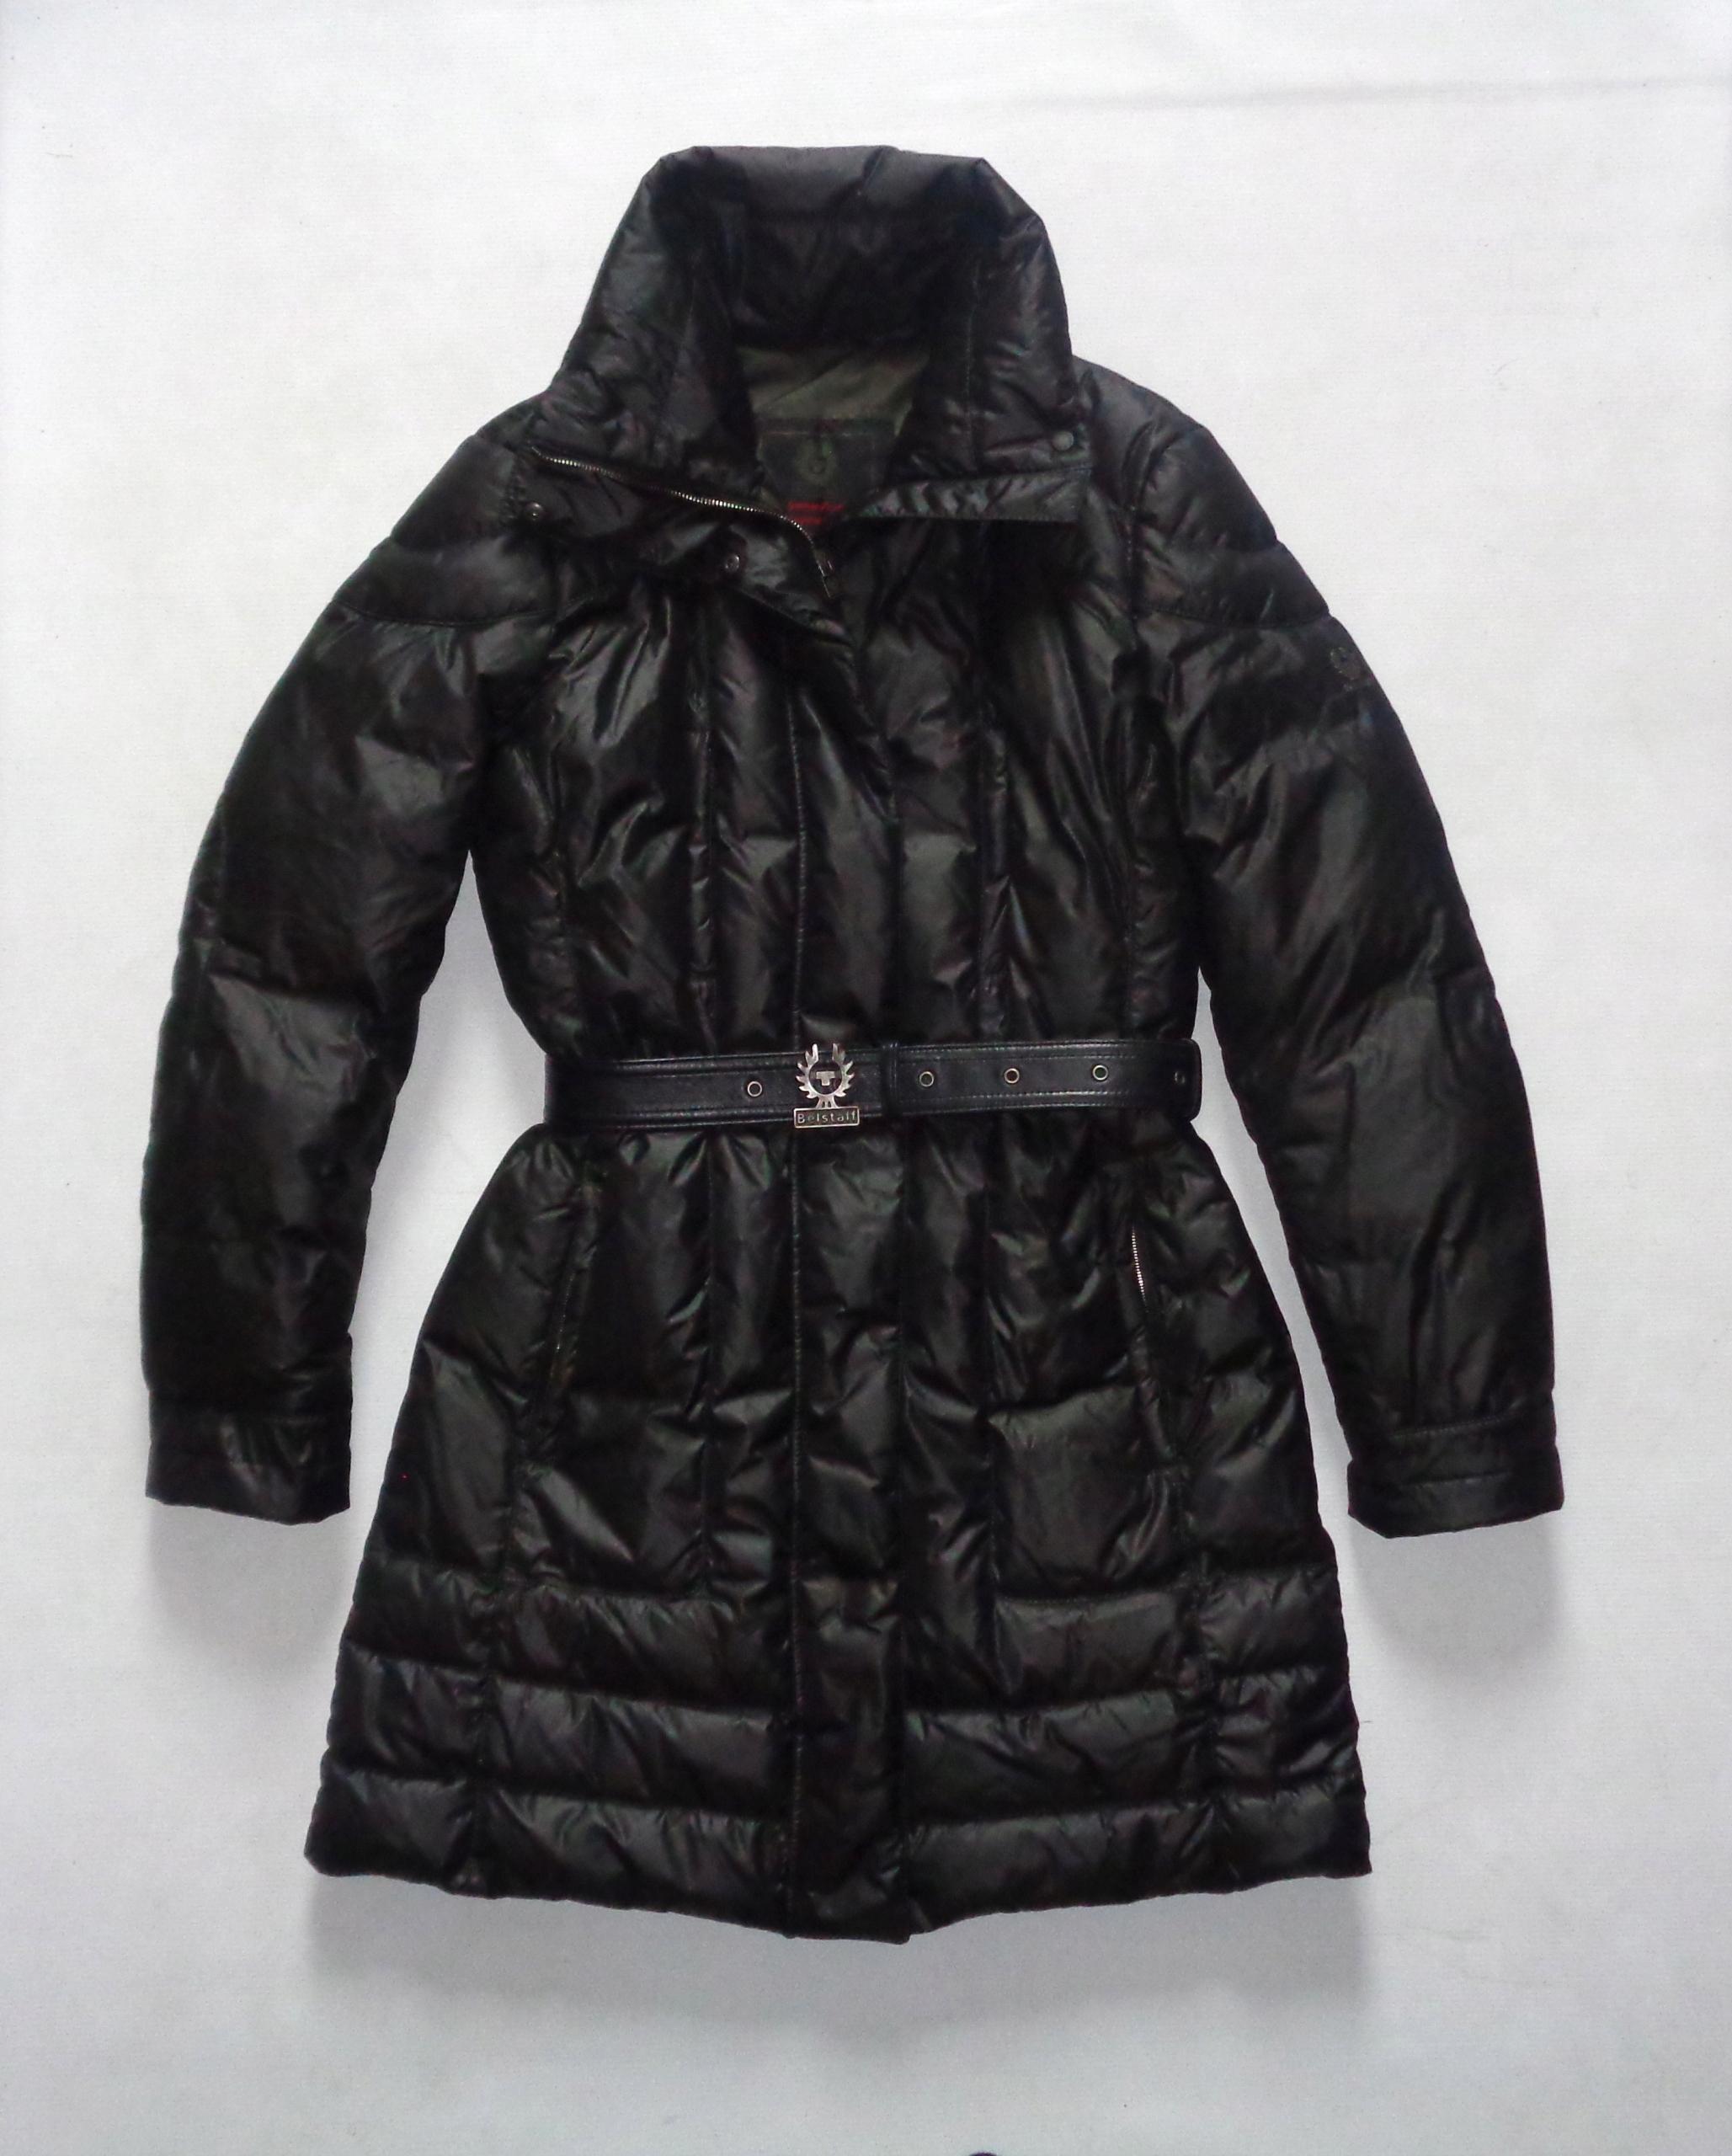 BELSTAFF włoski płaszcz puchowy kurtka damska - L